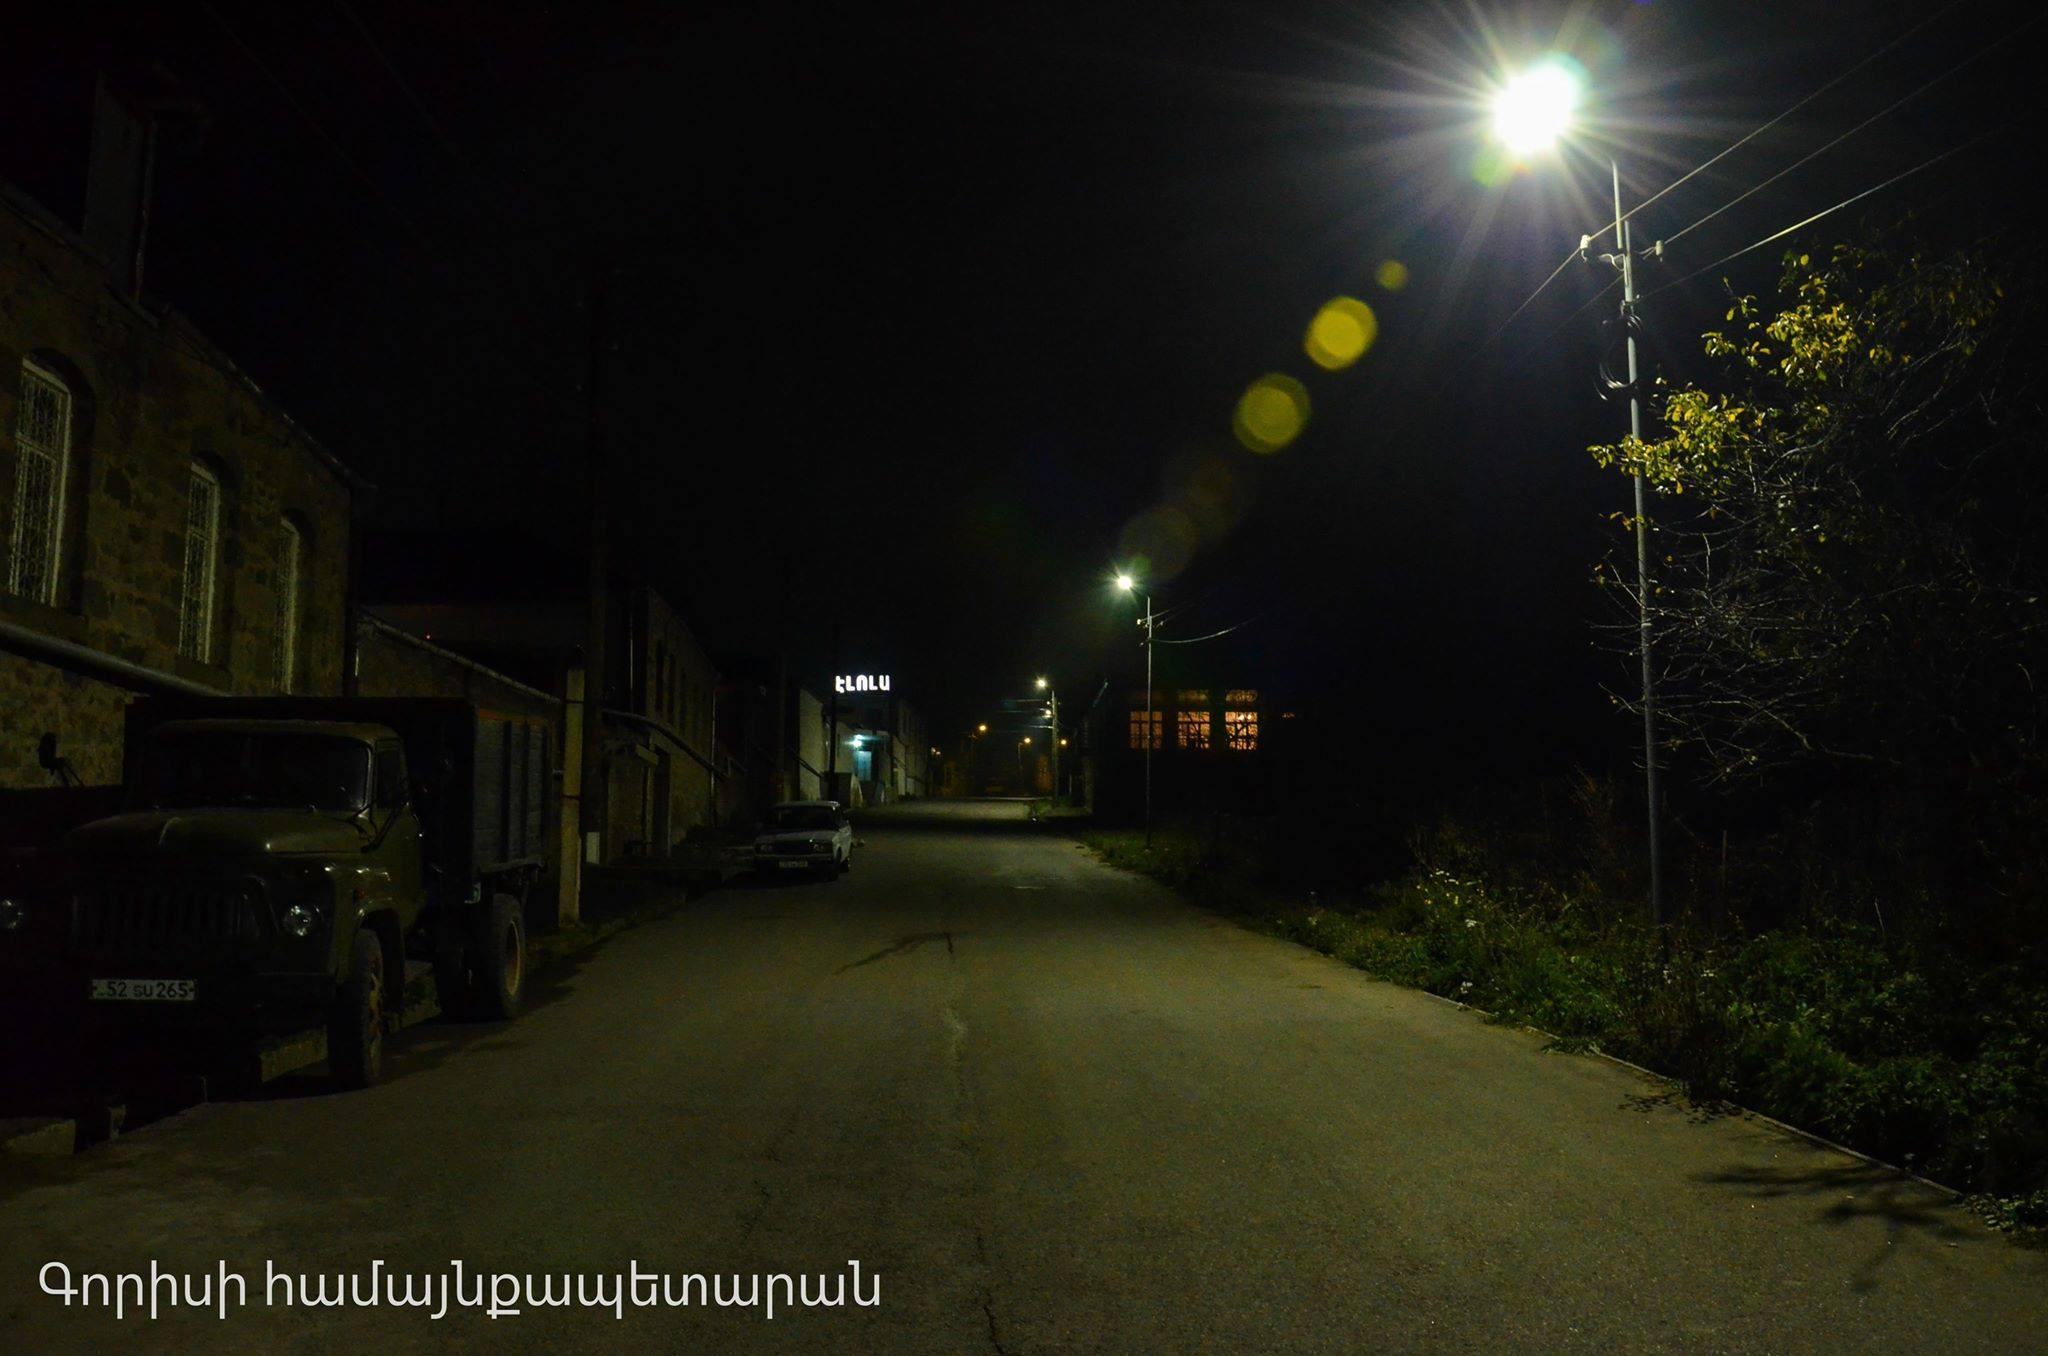 Ակներ գյուղական բնակավայրի գլխավոր փողոցը